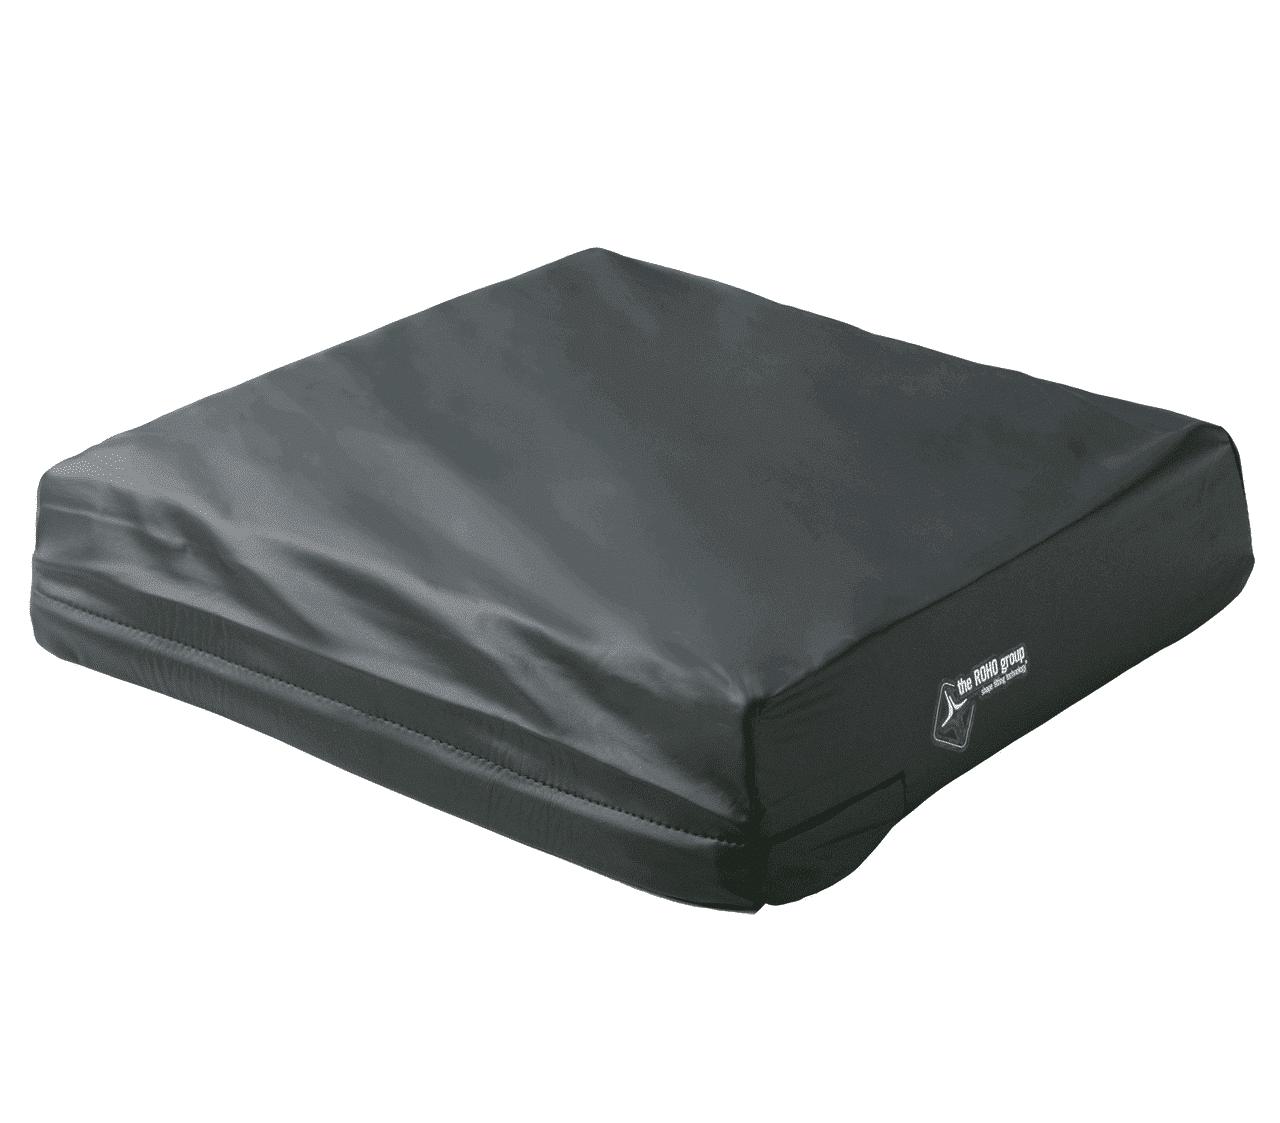 ROHO Mosaic Cushion with Heavy Duty Cover